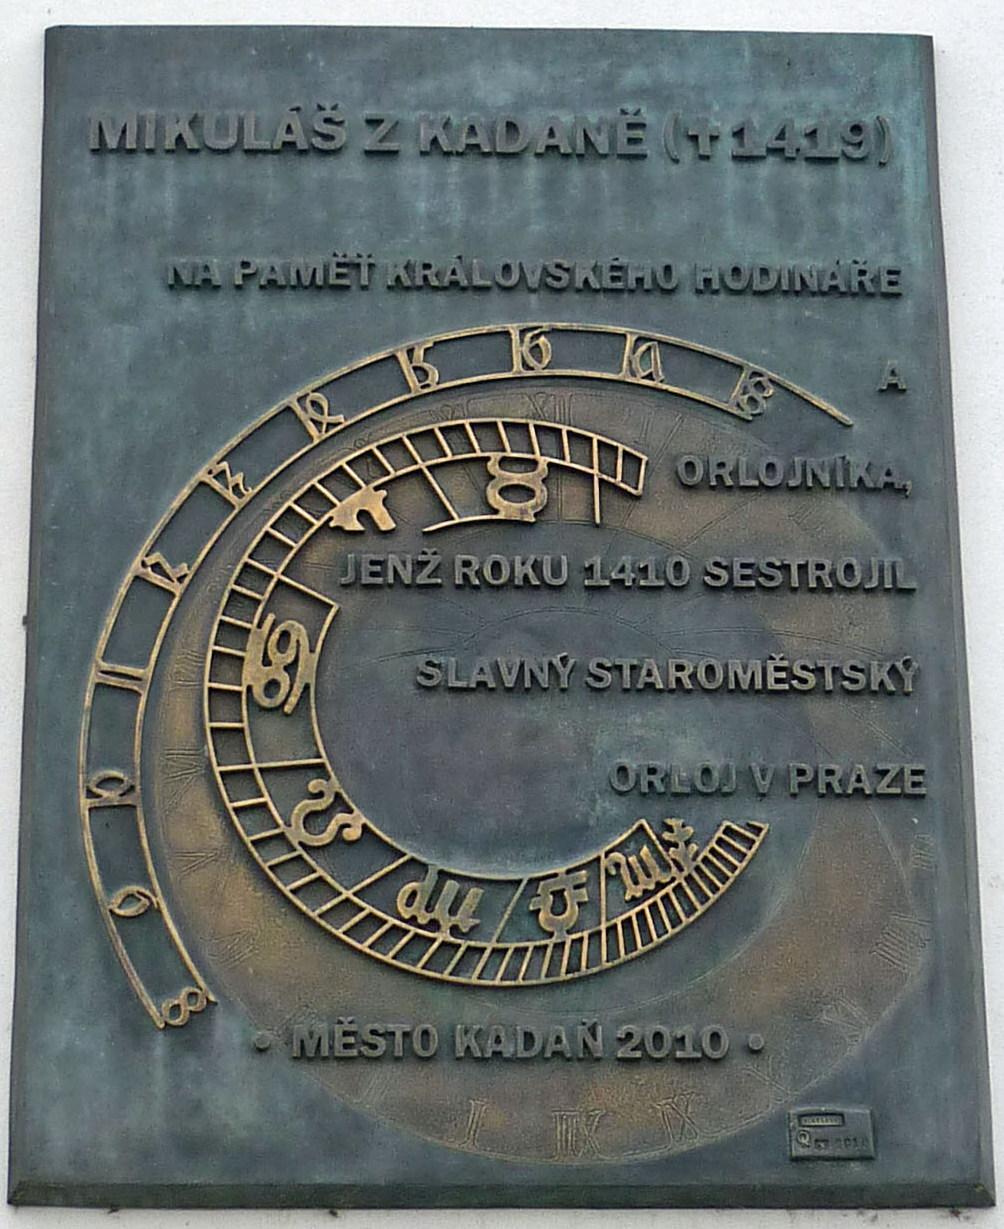 Memorial Plaque to Mikuláš of Kadaň